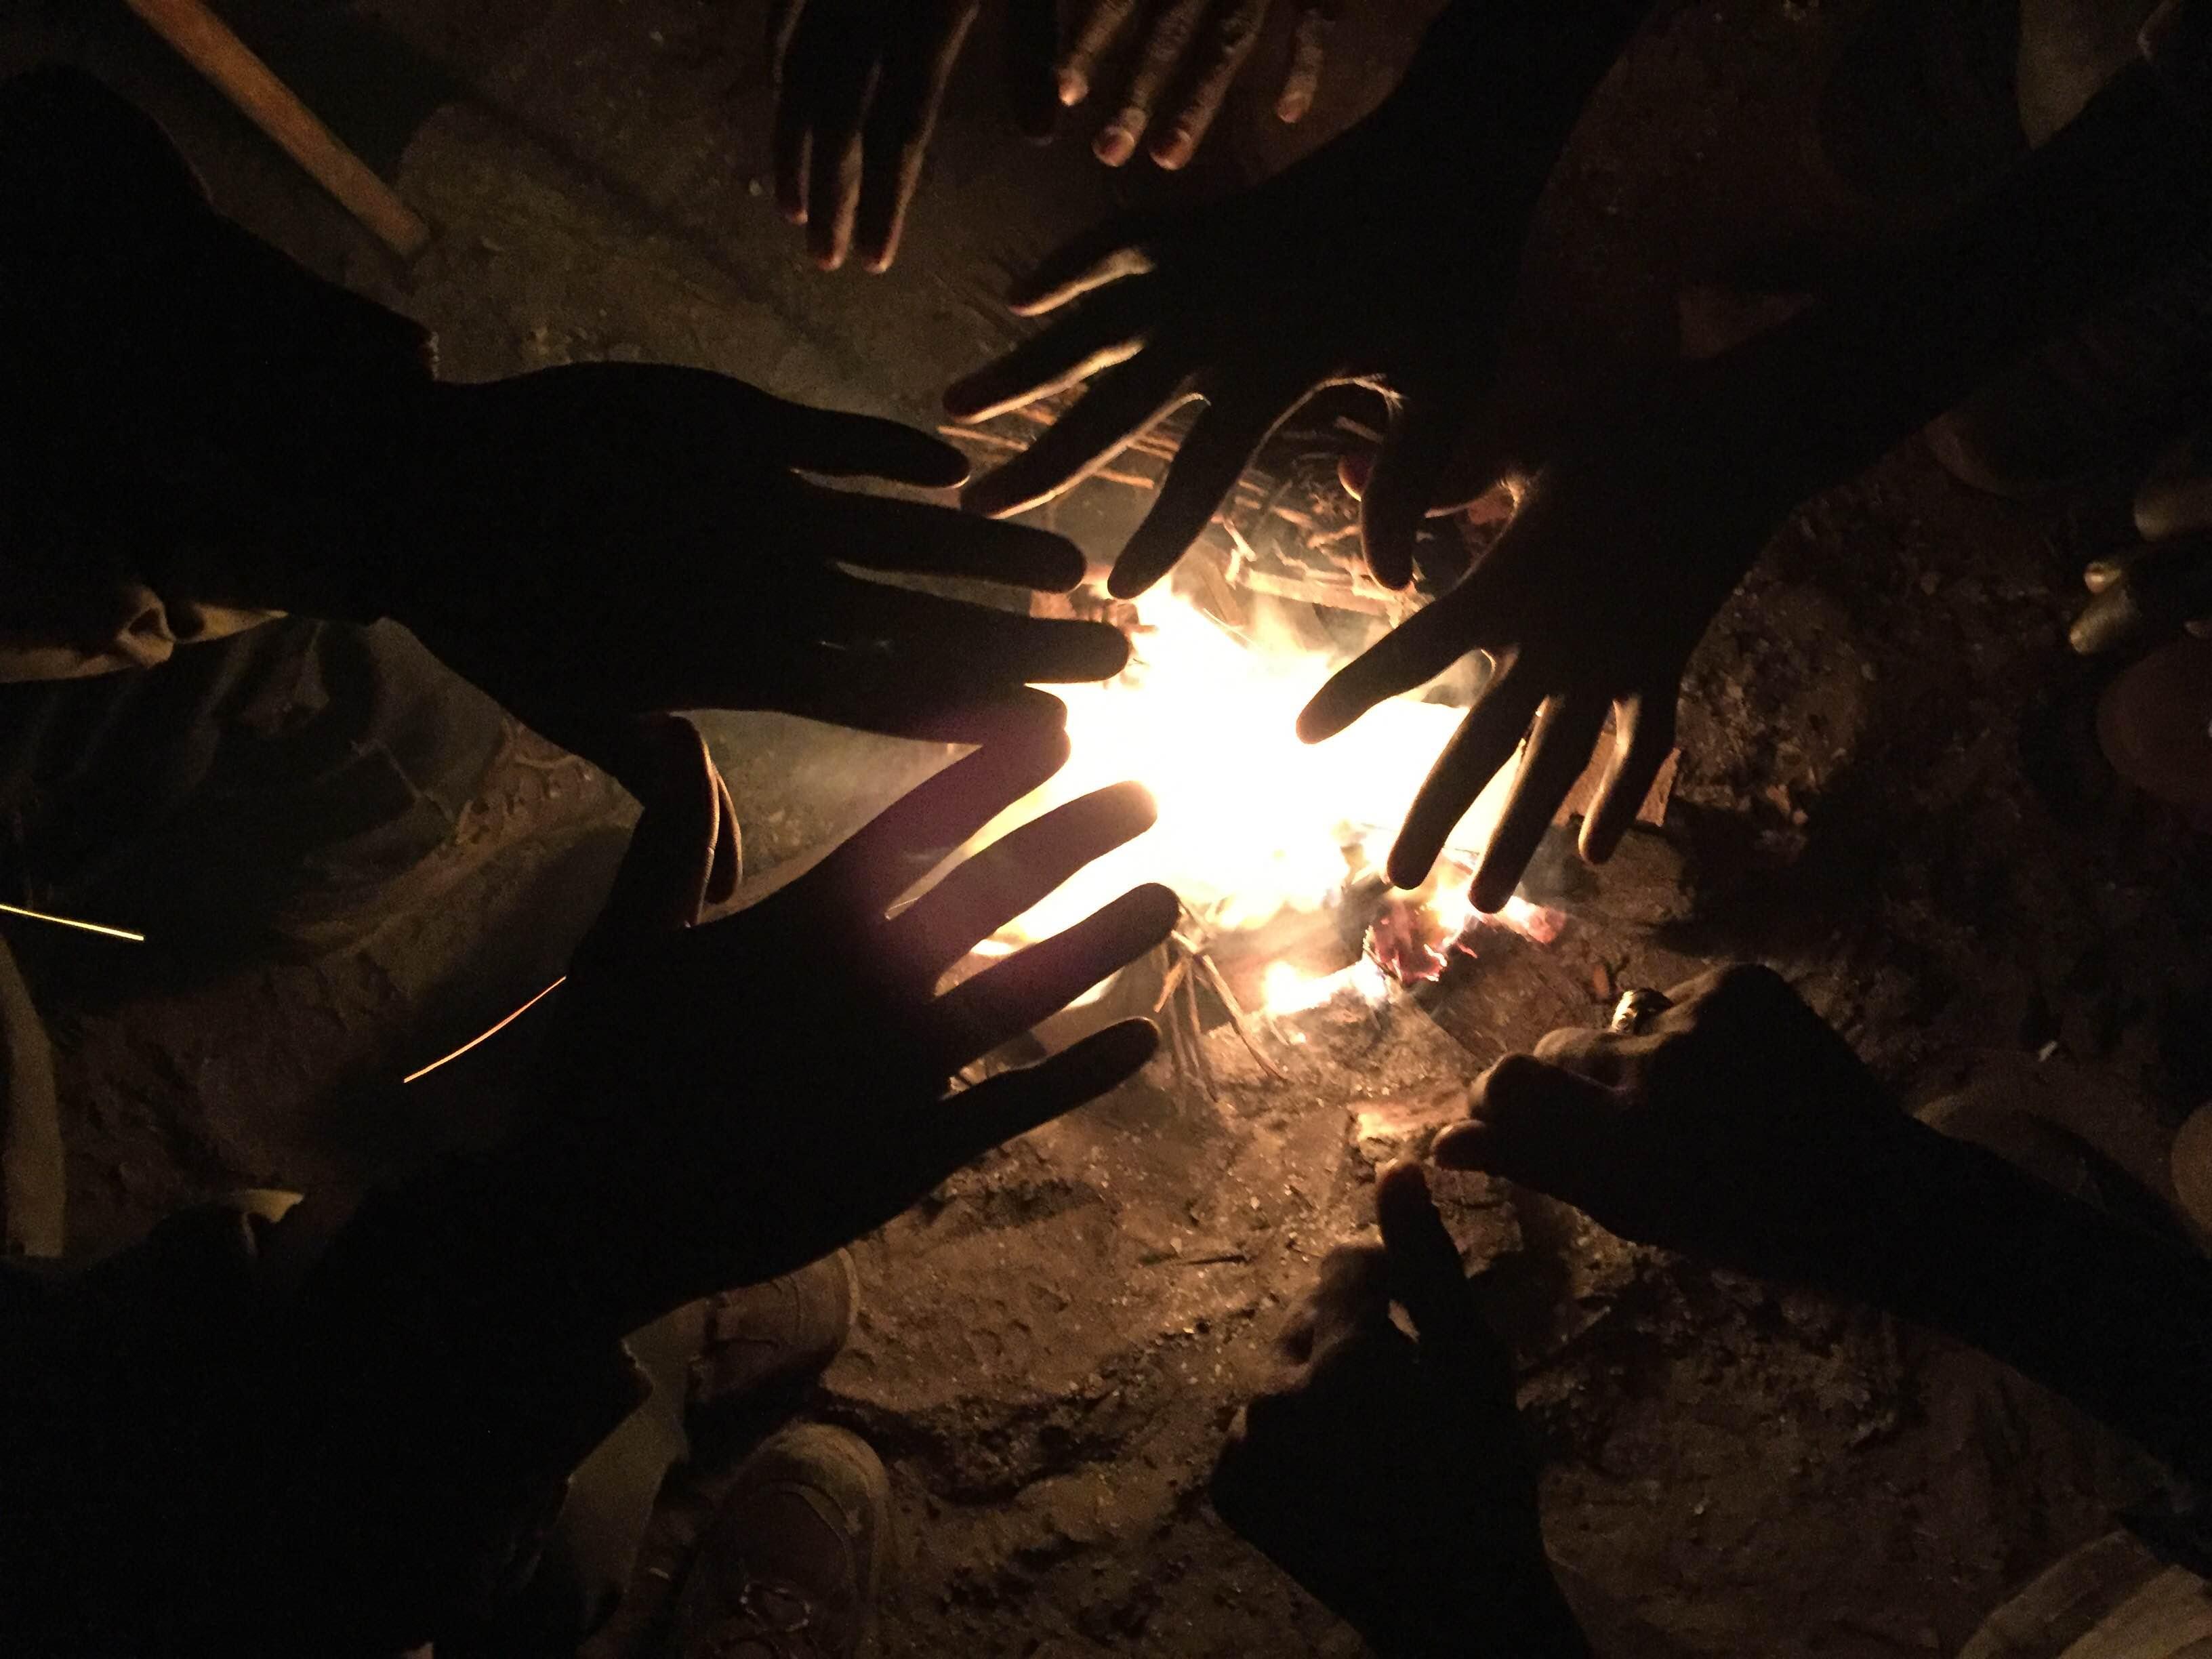 Manos de refugiados sobre el fuego, en la Jungla de Calais. FOTO: JOSÉ BAUTISTA.